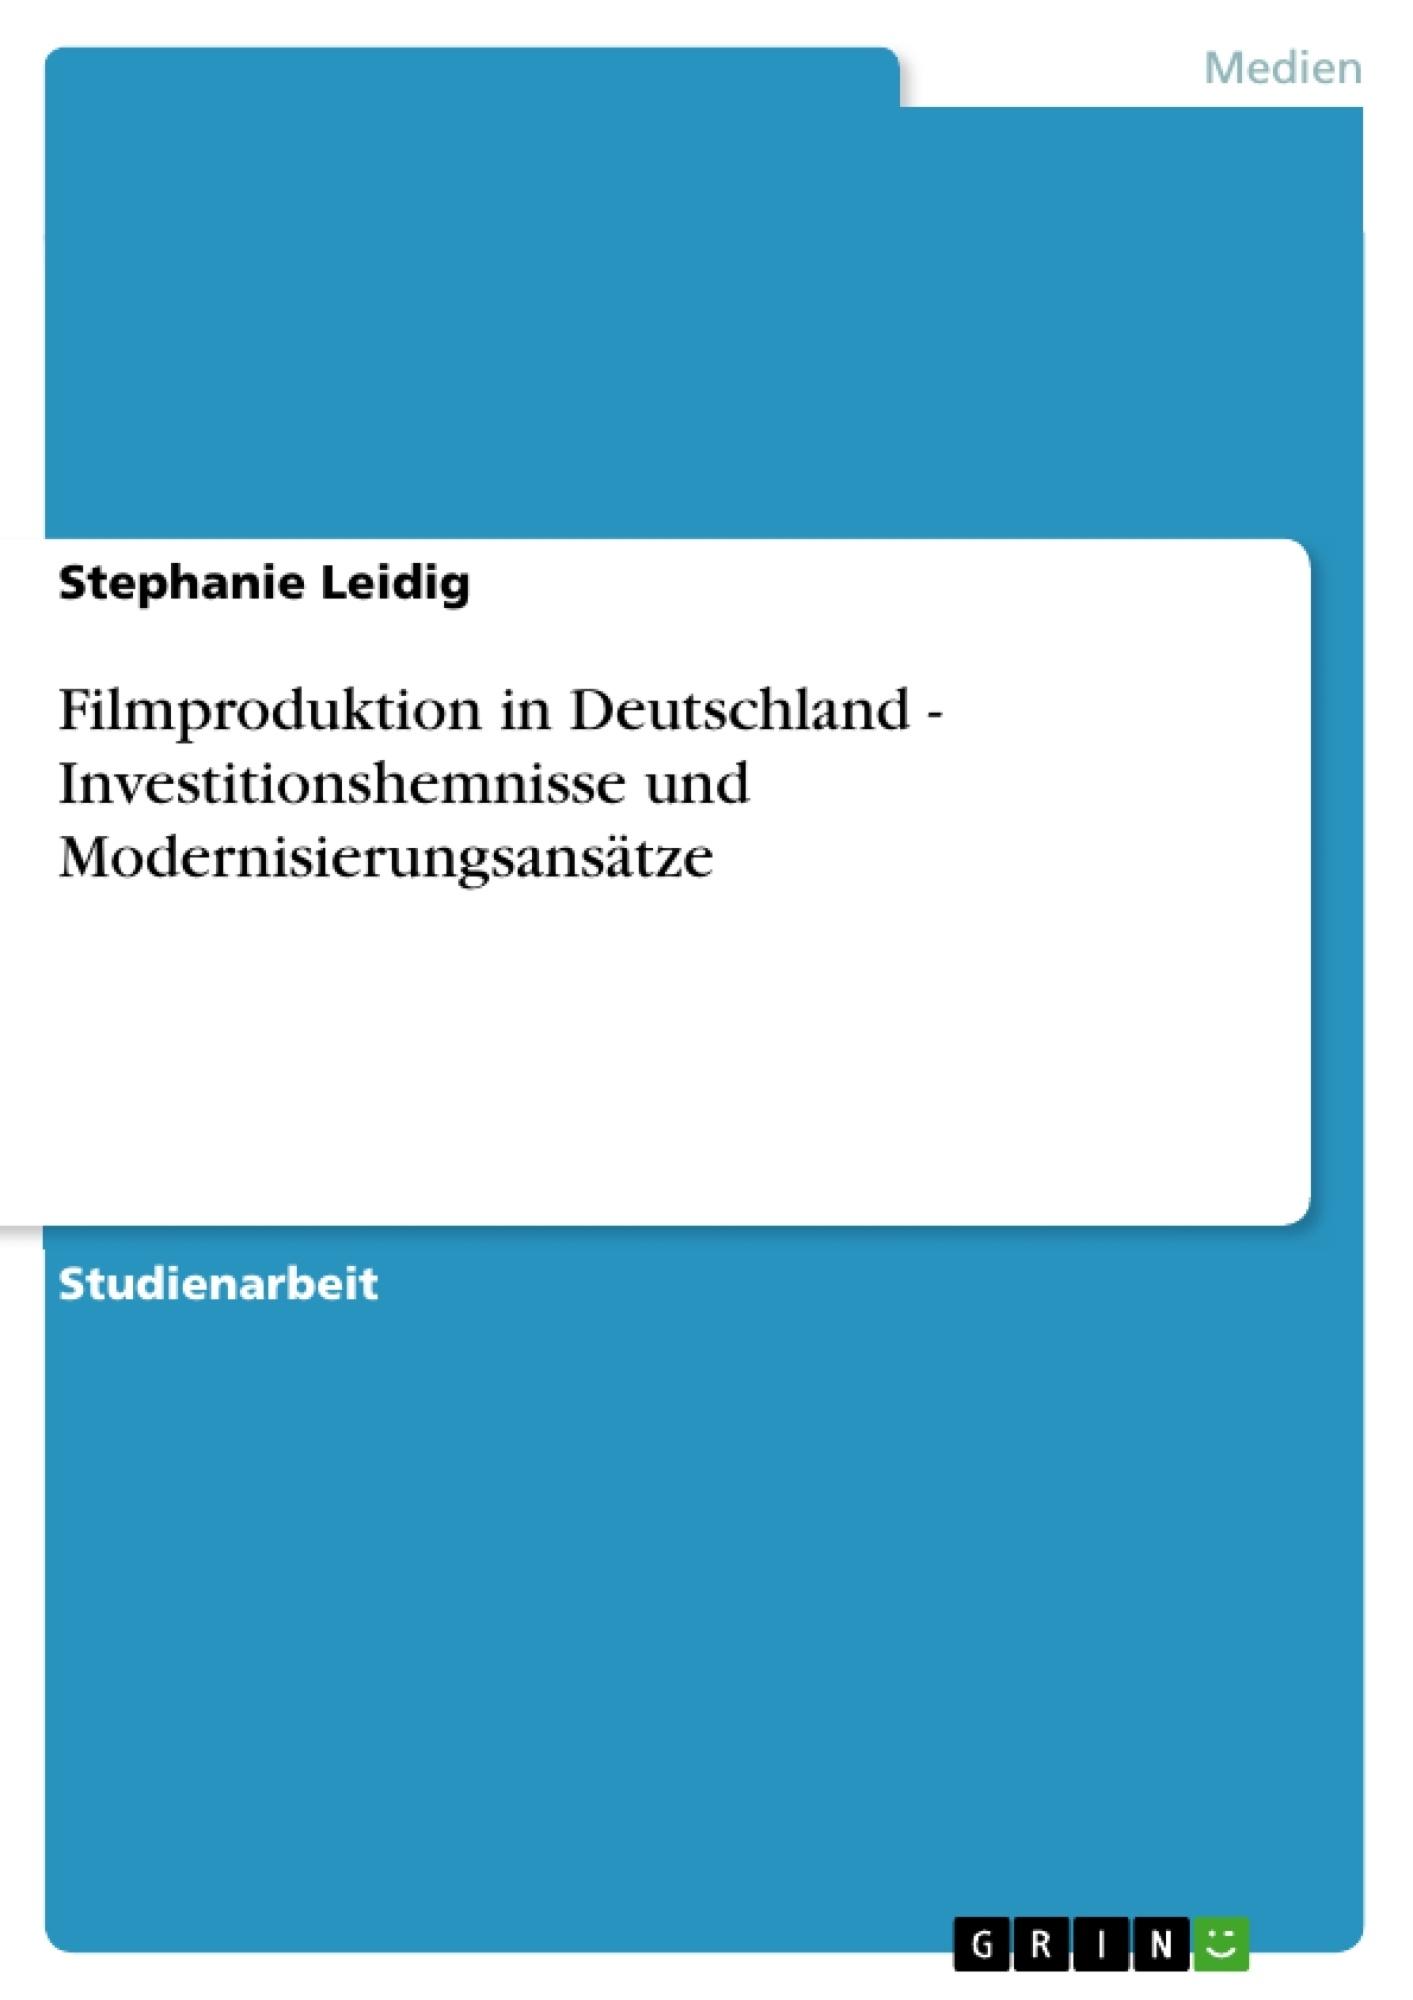 Titel: Filmproduktion in Deutschland - Investitionshemnisse und Modernisierungsansätze